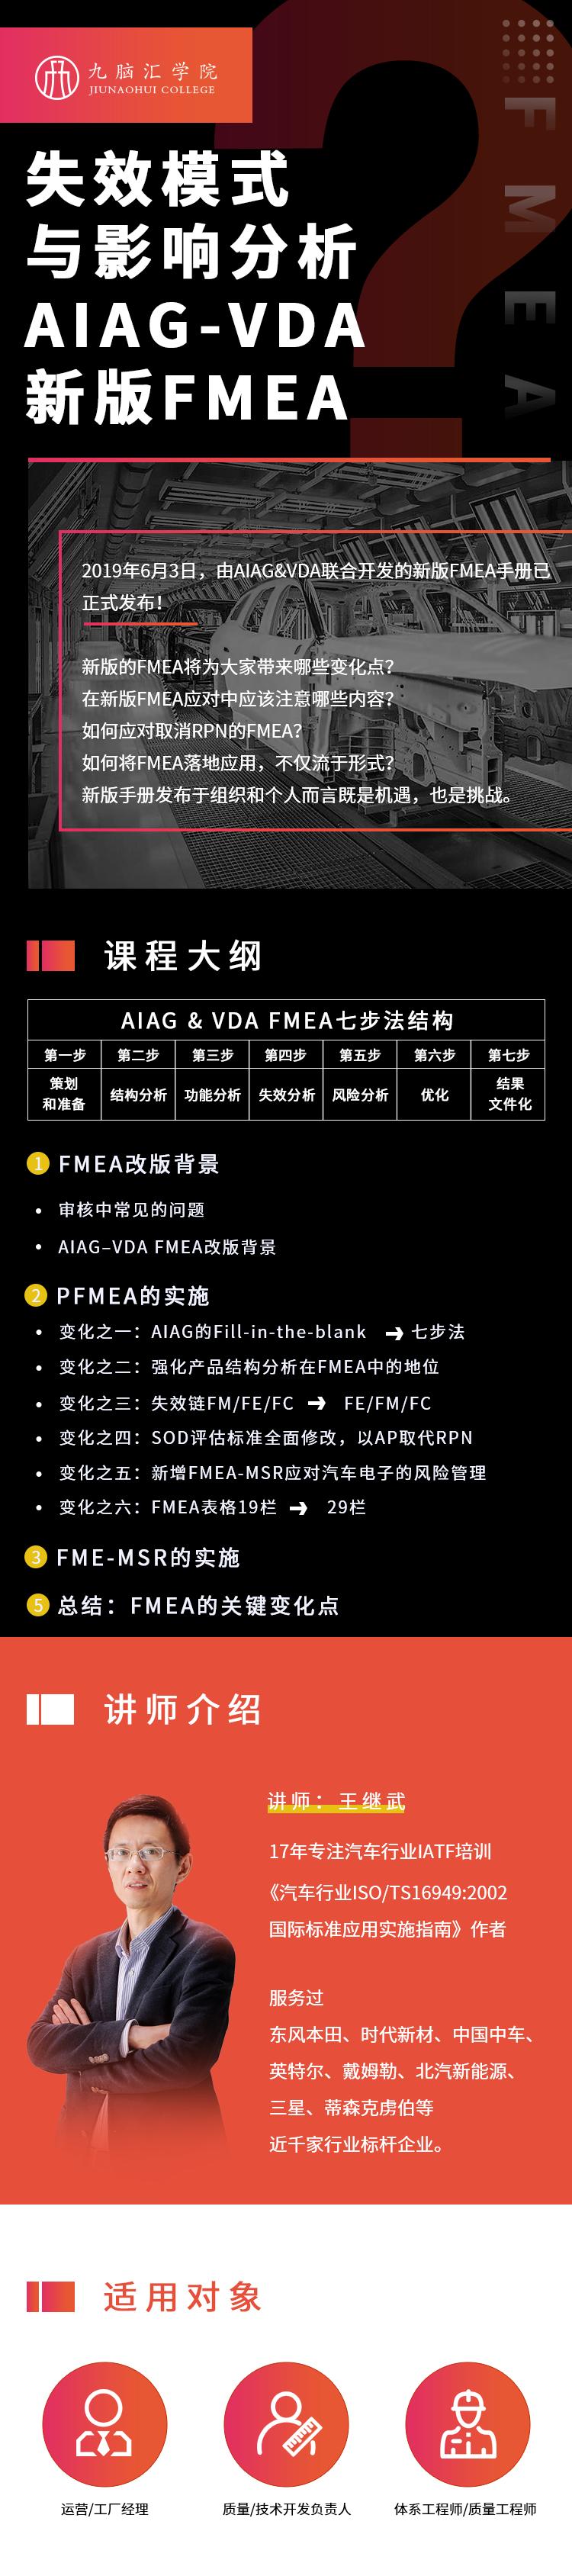 fmea_xiangqing.png